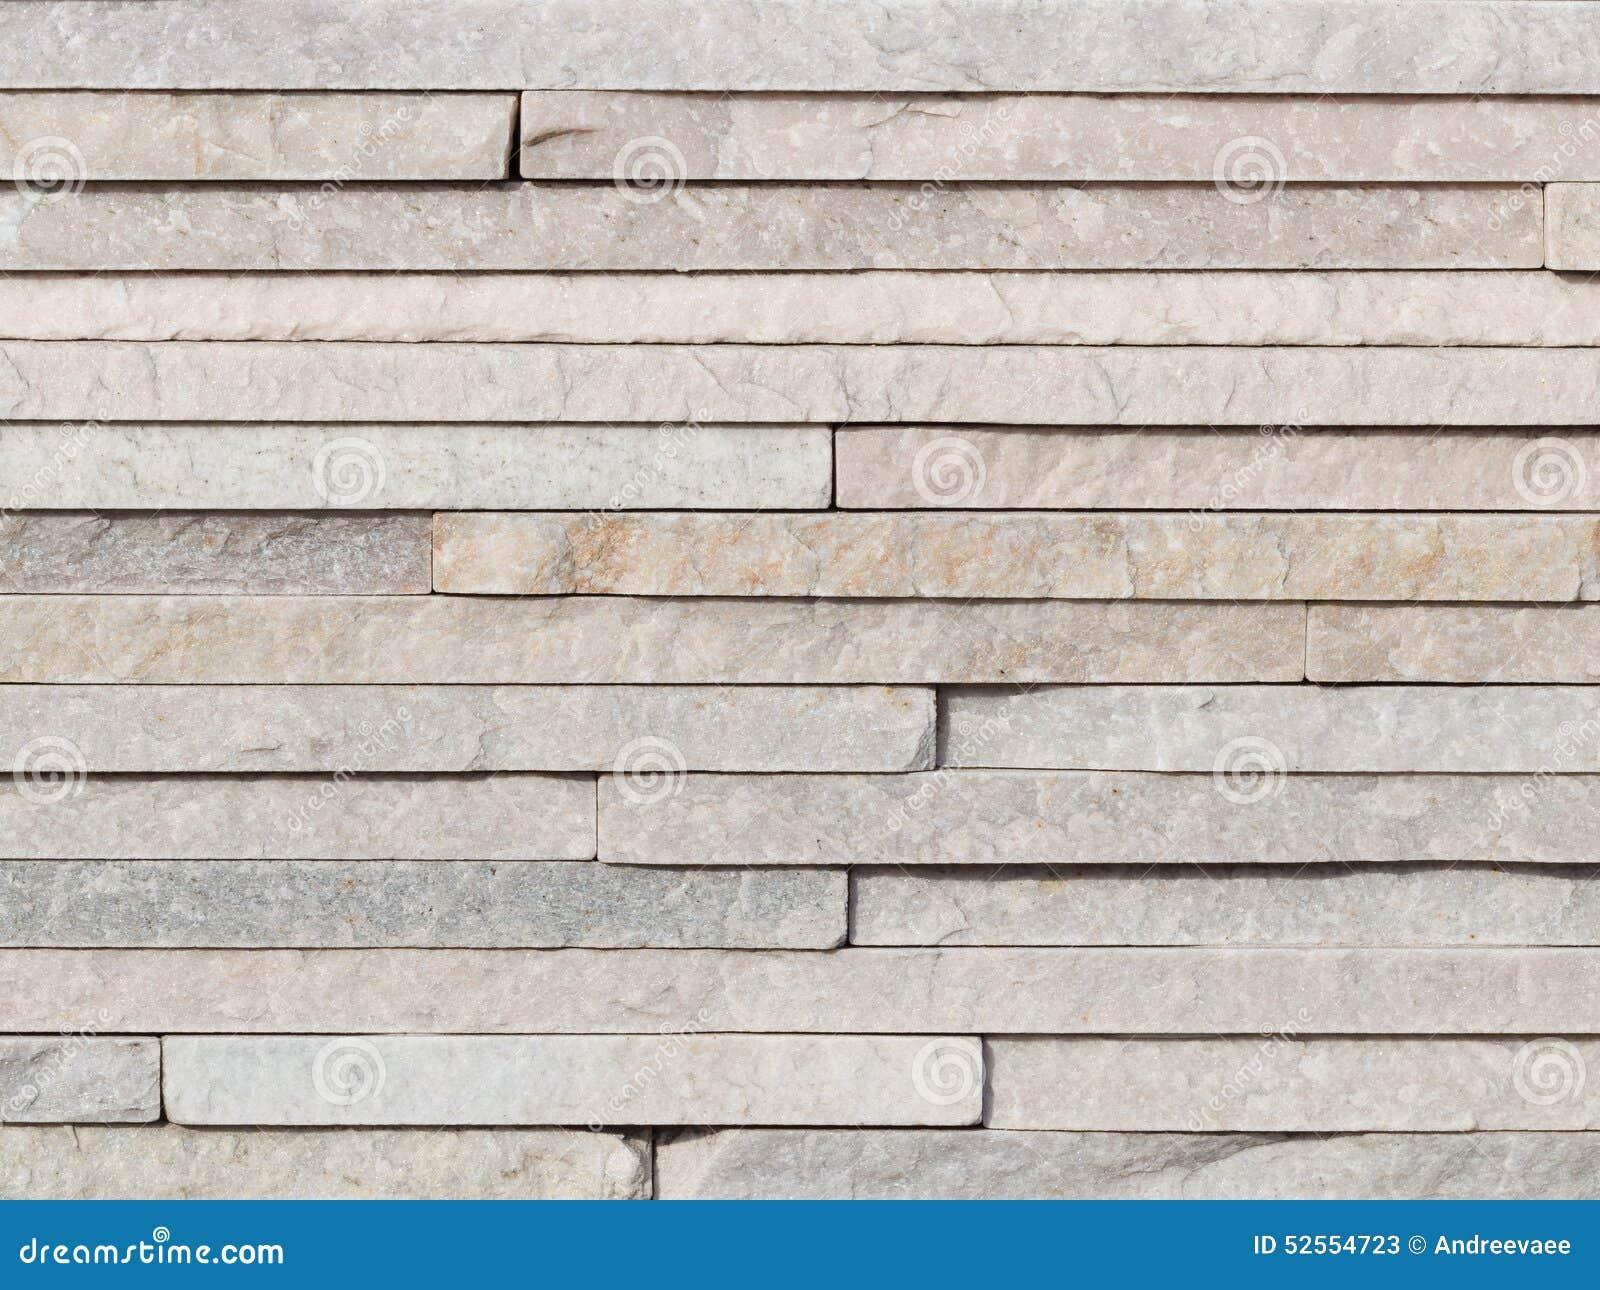 pierre naturelle gris clair de mur image stock image 52554723. Black Bedroom Furniture Sets. Home Design Ideas